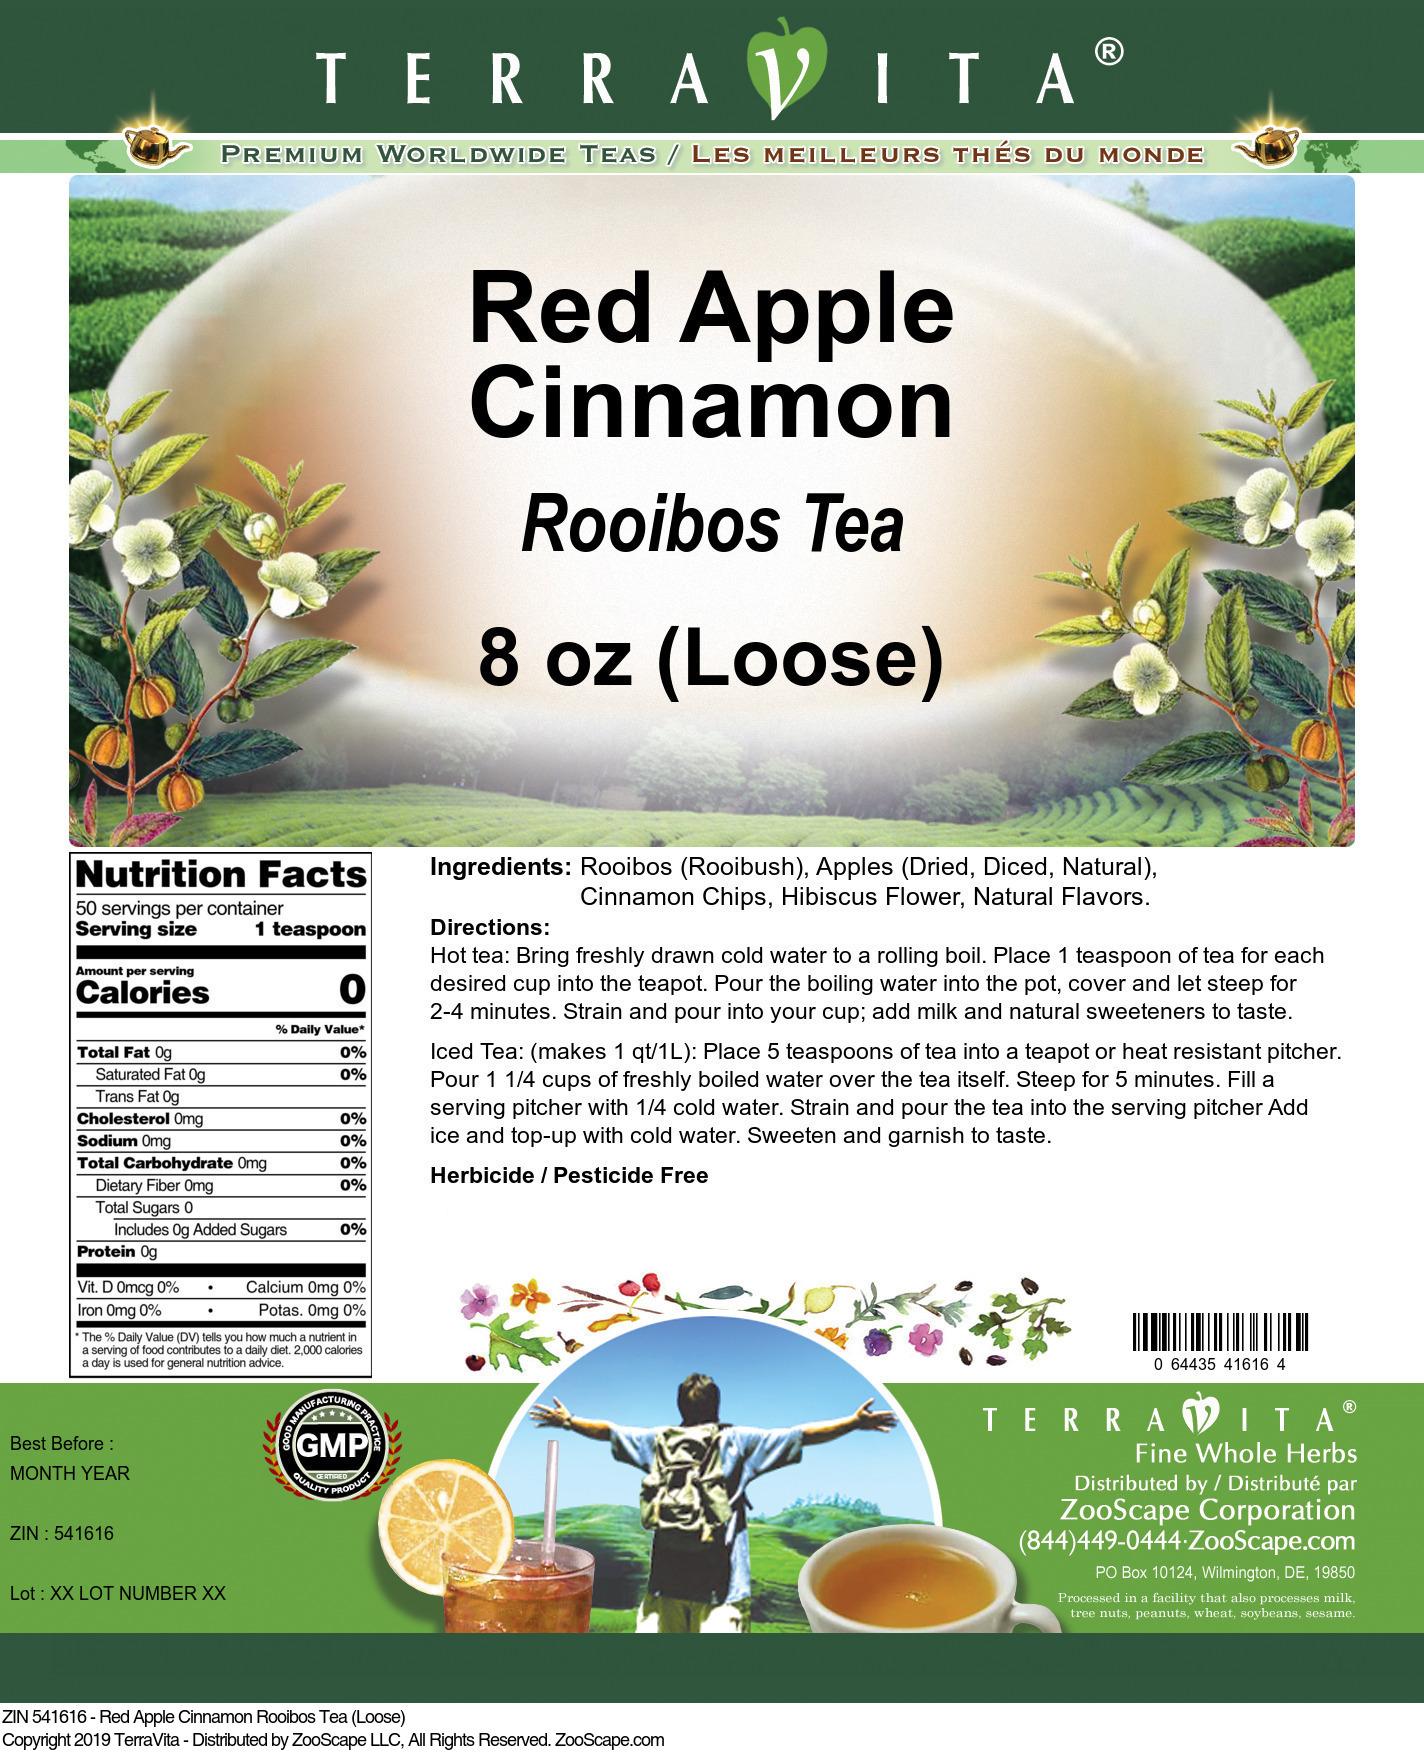 Red Apple Cinnamon Rooibos Tea